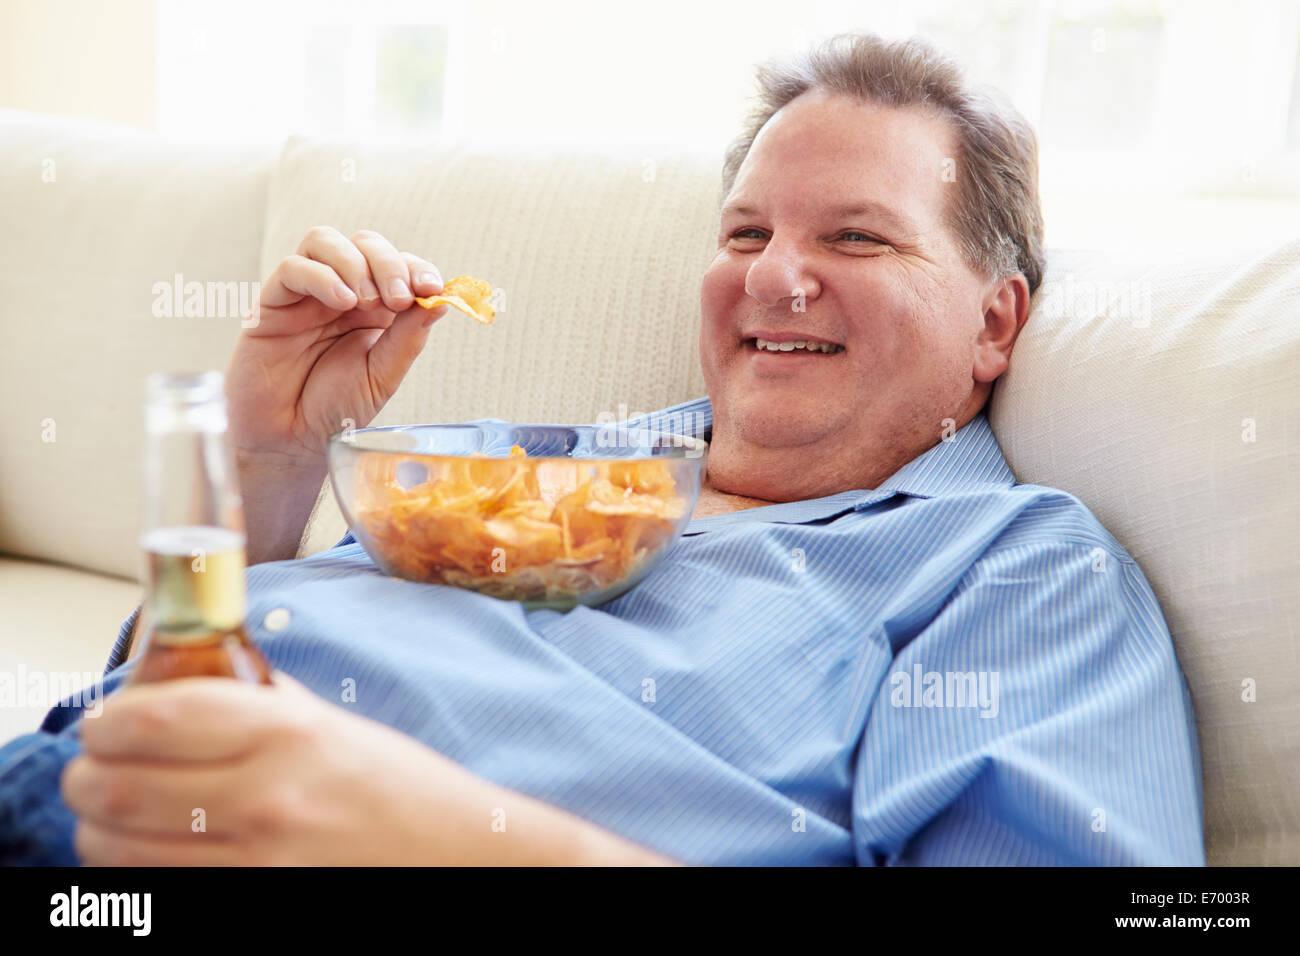 L'excès de Man At Home Eating Chips et boire de la bière Banque D'Images